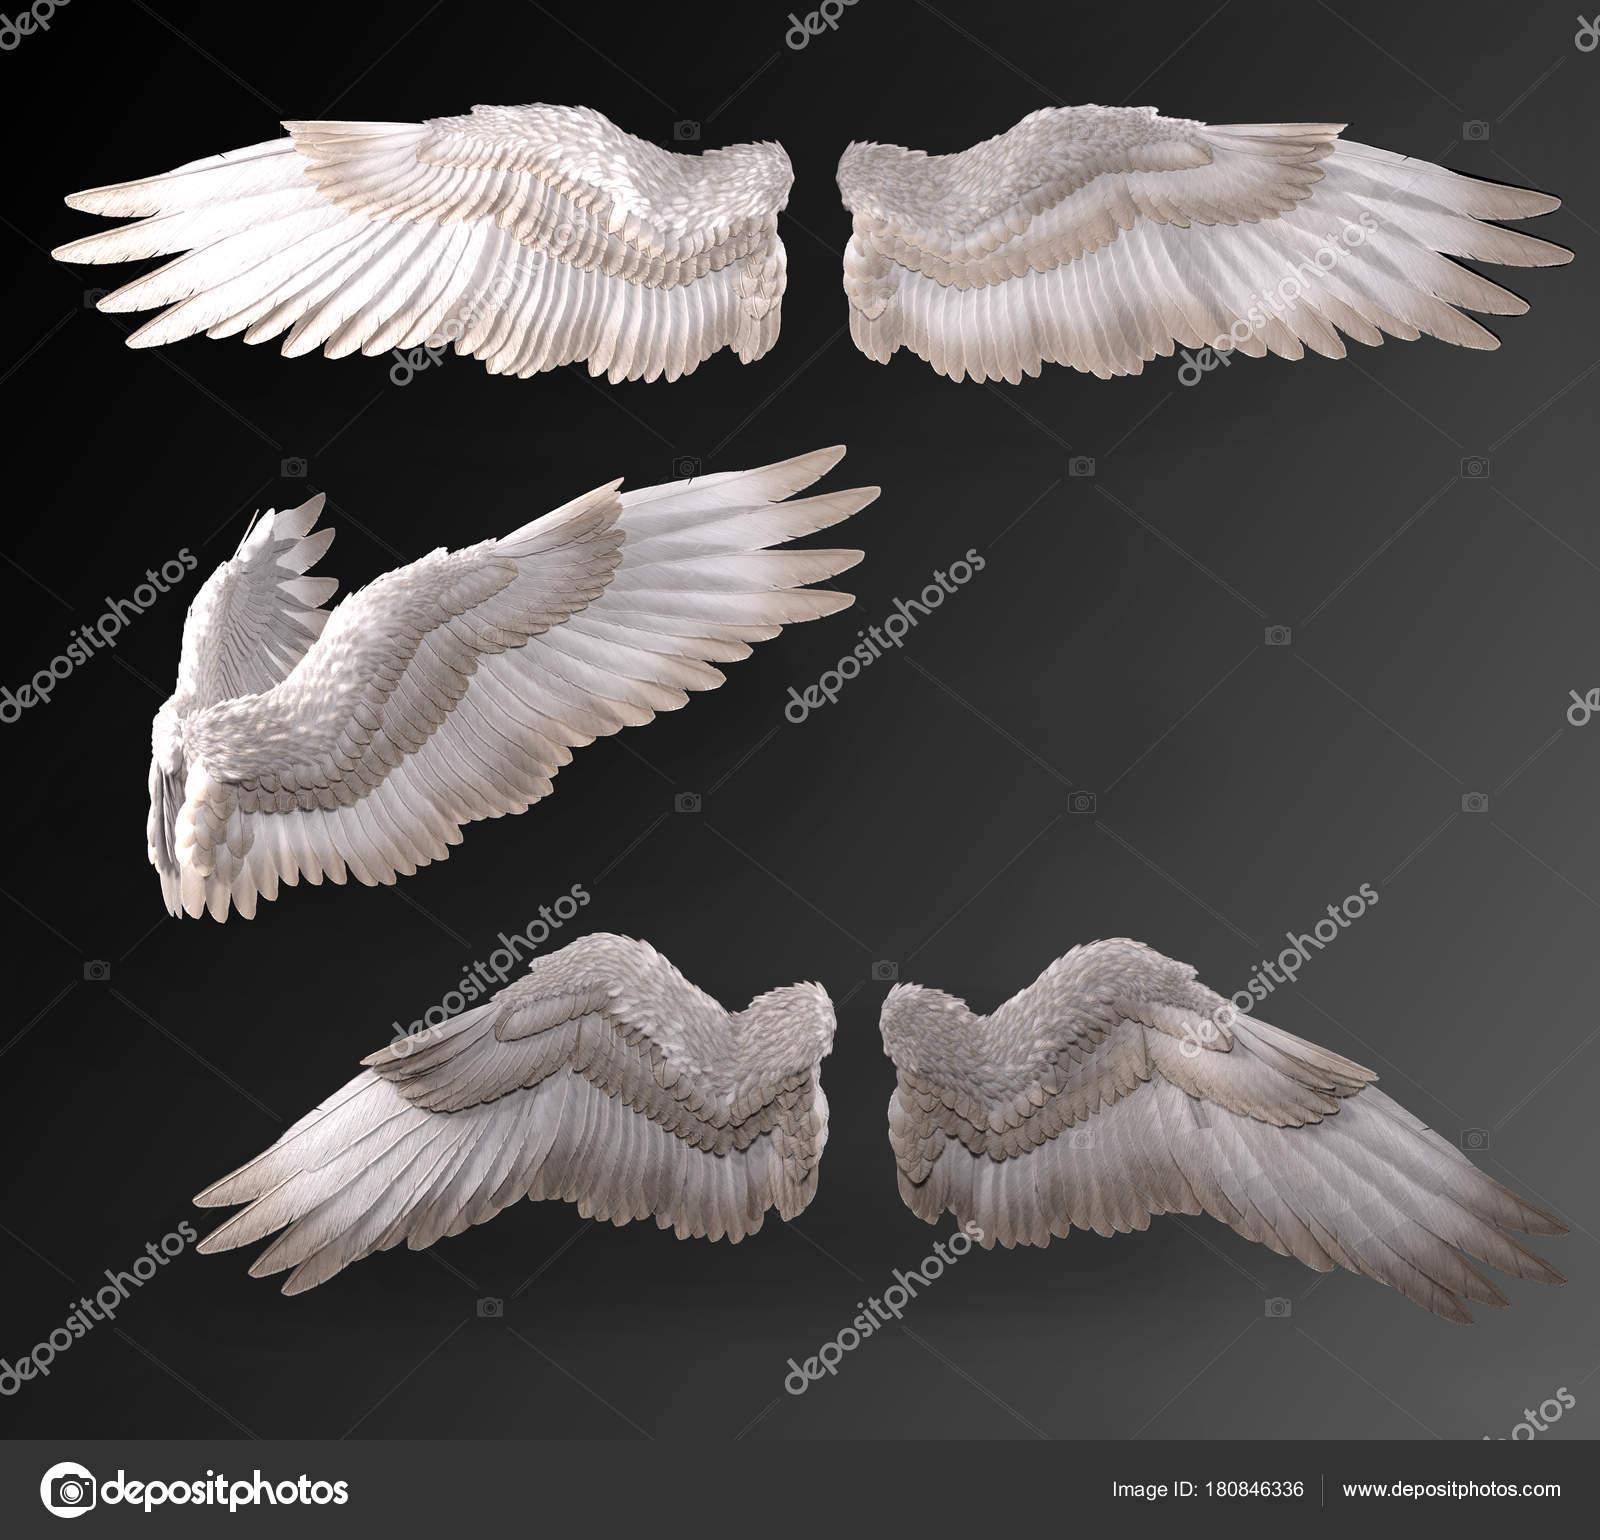 Programa para ponerle alas de angel a una foto 7